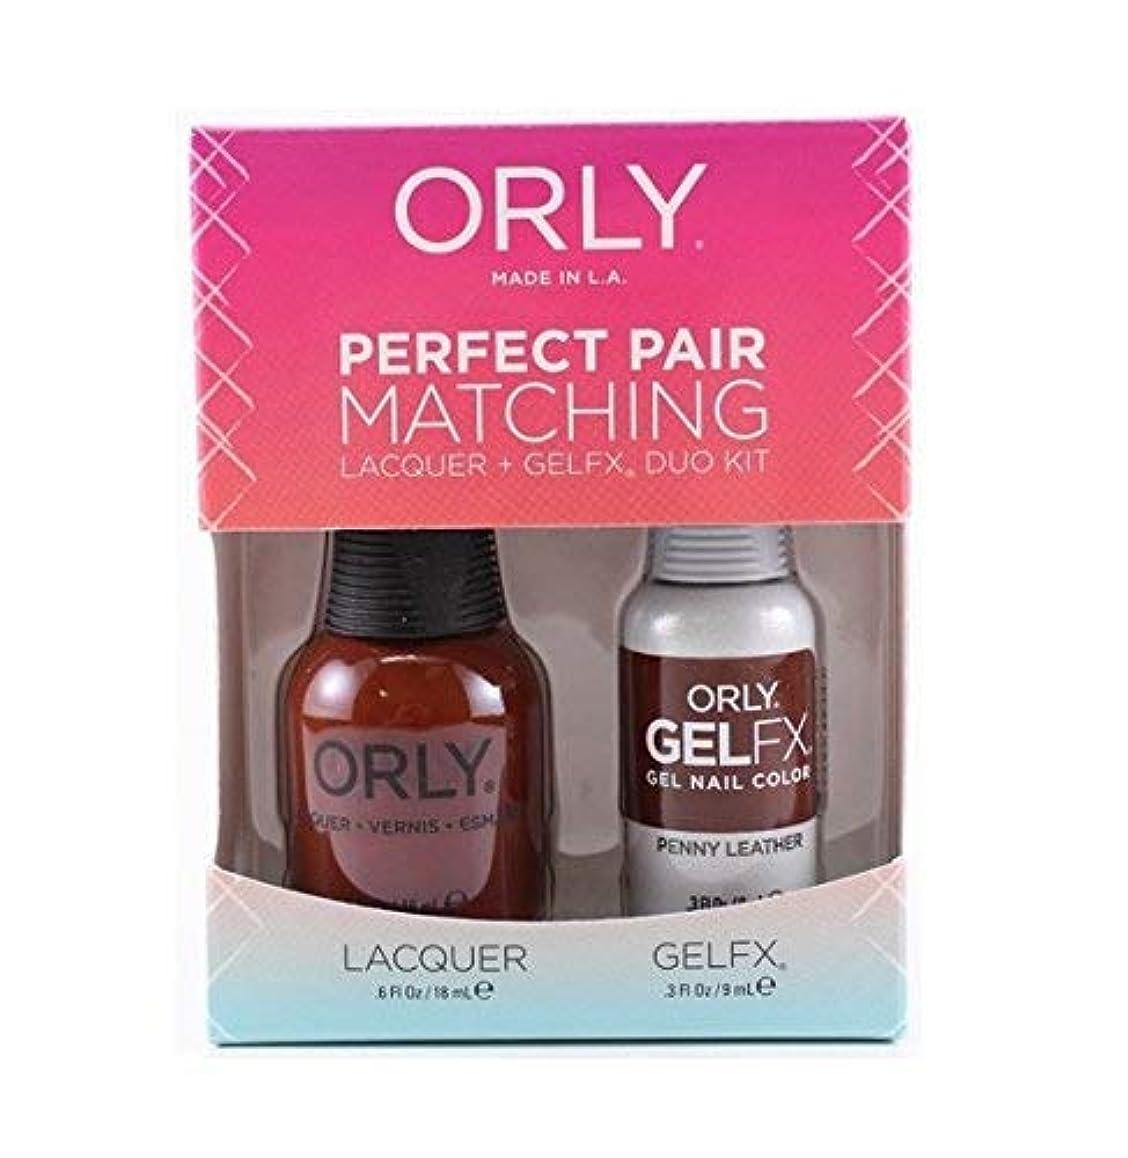 簡単な精査インスタントOrly - Perfect Pair Matching Lacquer+Gel FX Kit - Penny Leather - 0.6 oz/0.3 oz